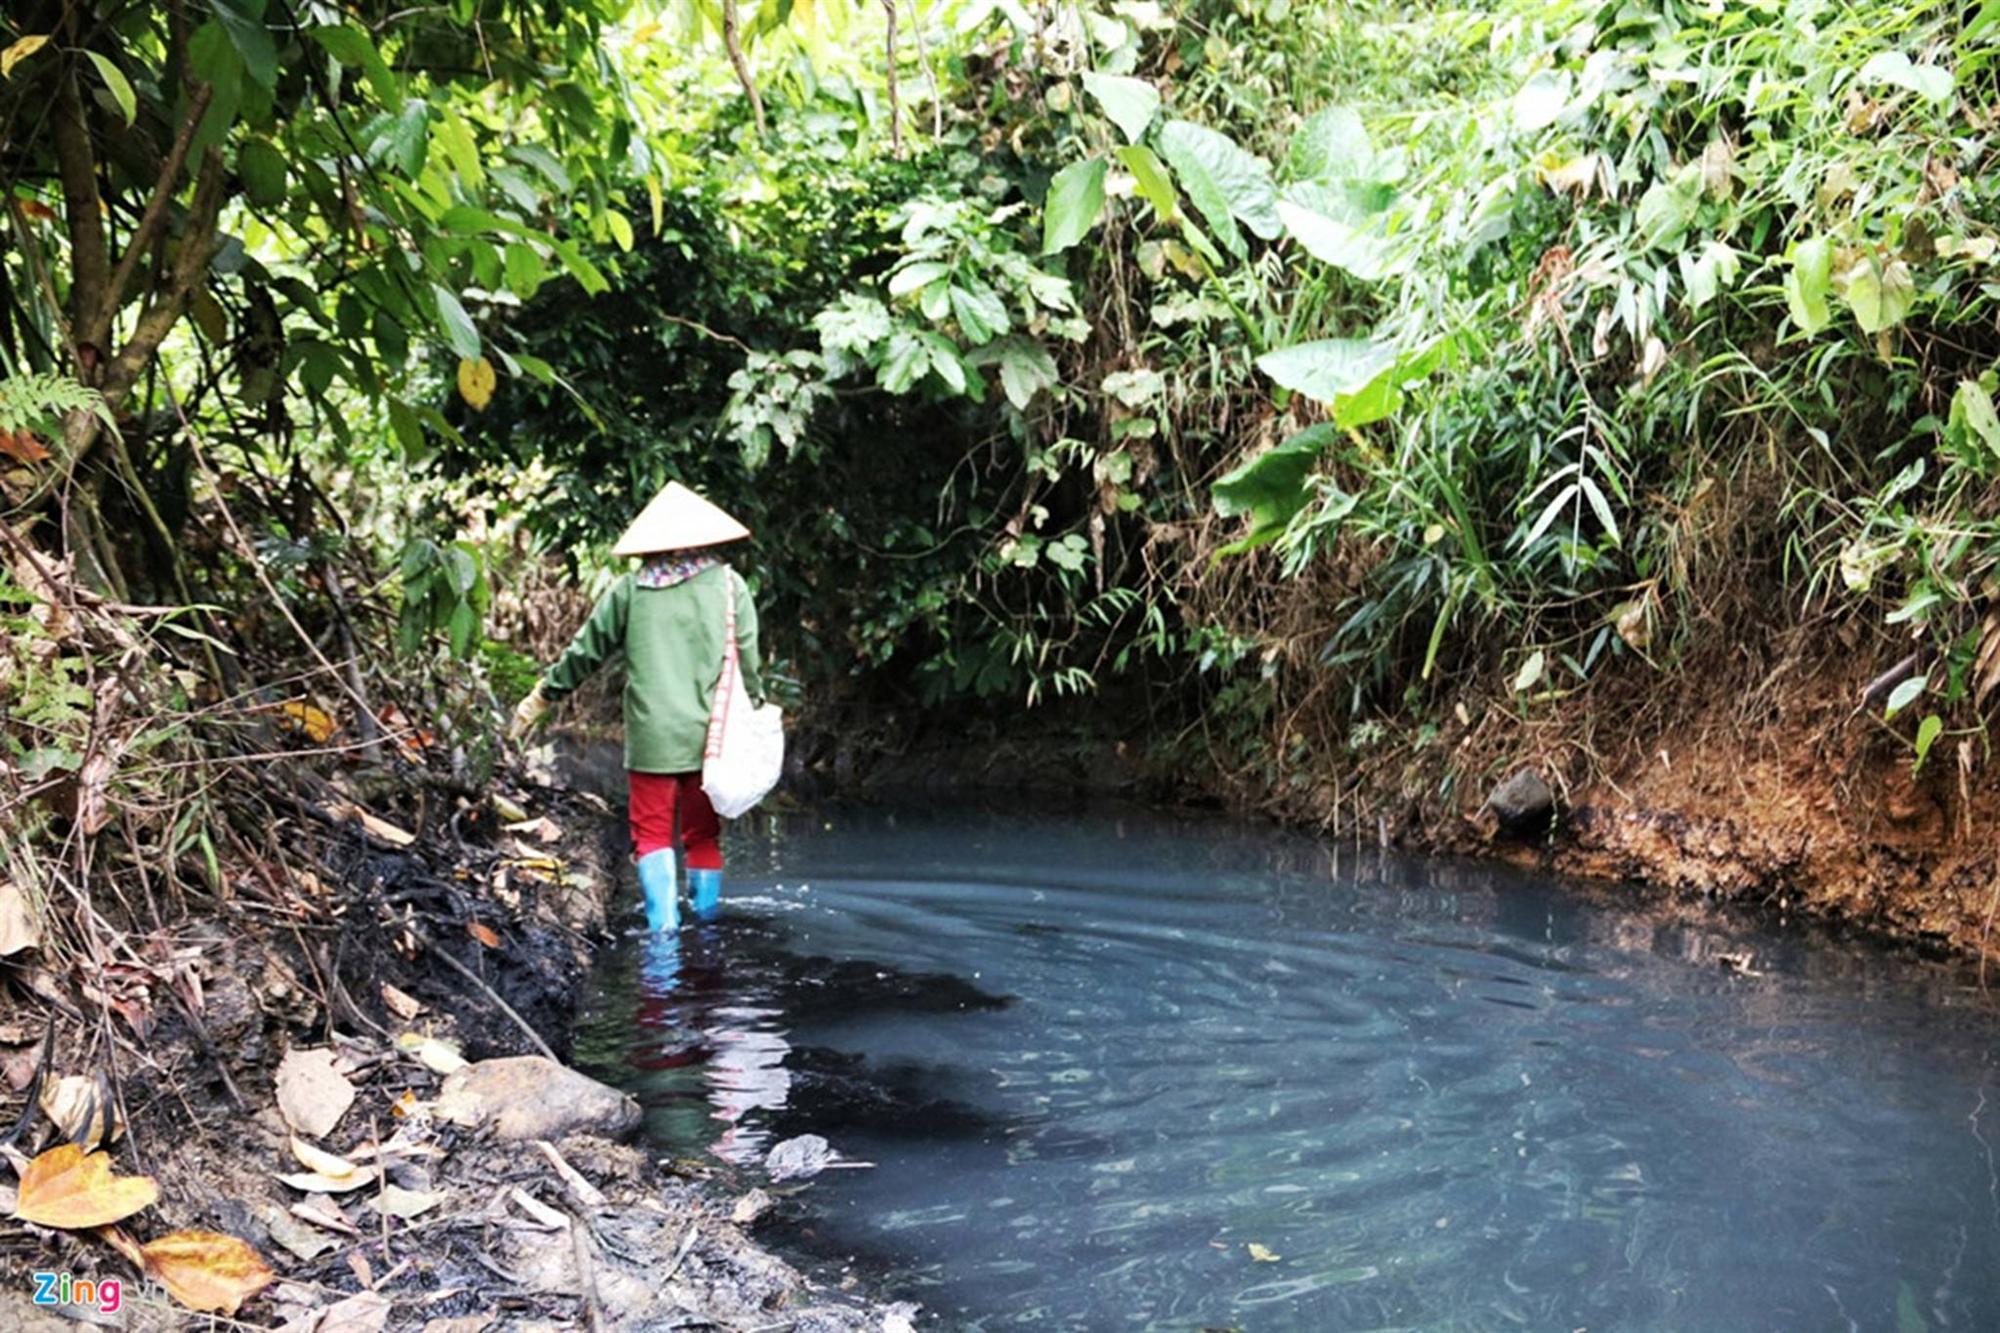 Vụ nước sông Đà nhiễm dầu thải: Cần giám sát thường xuyên, bảo vệ nguồn nước cấp Ảnh 3